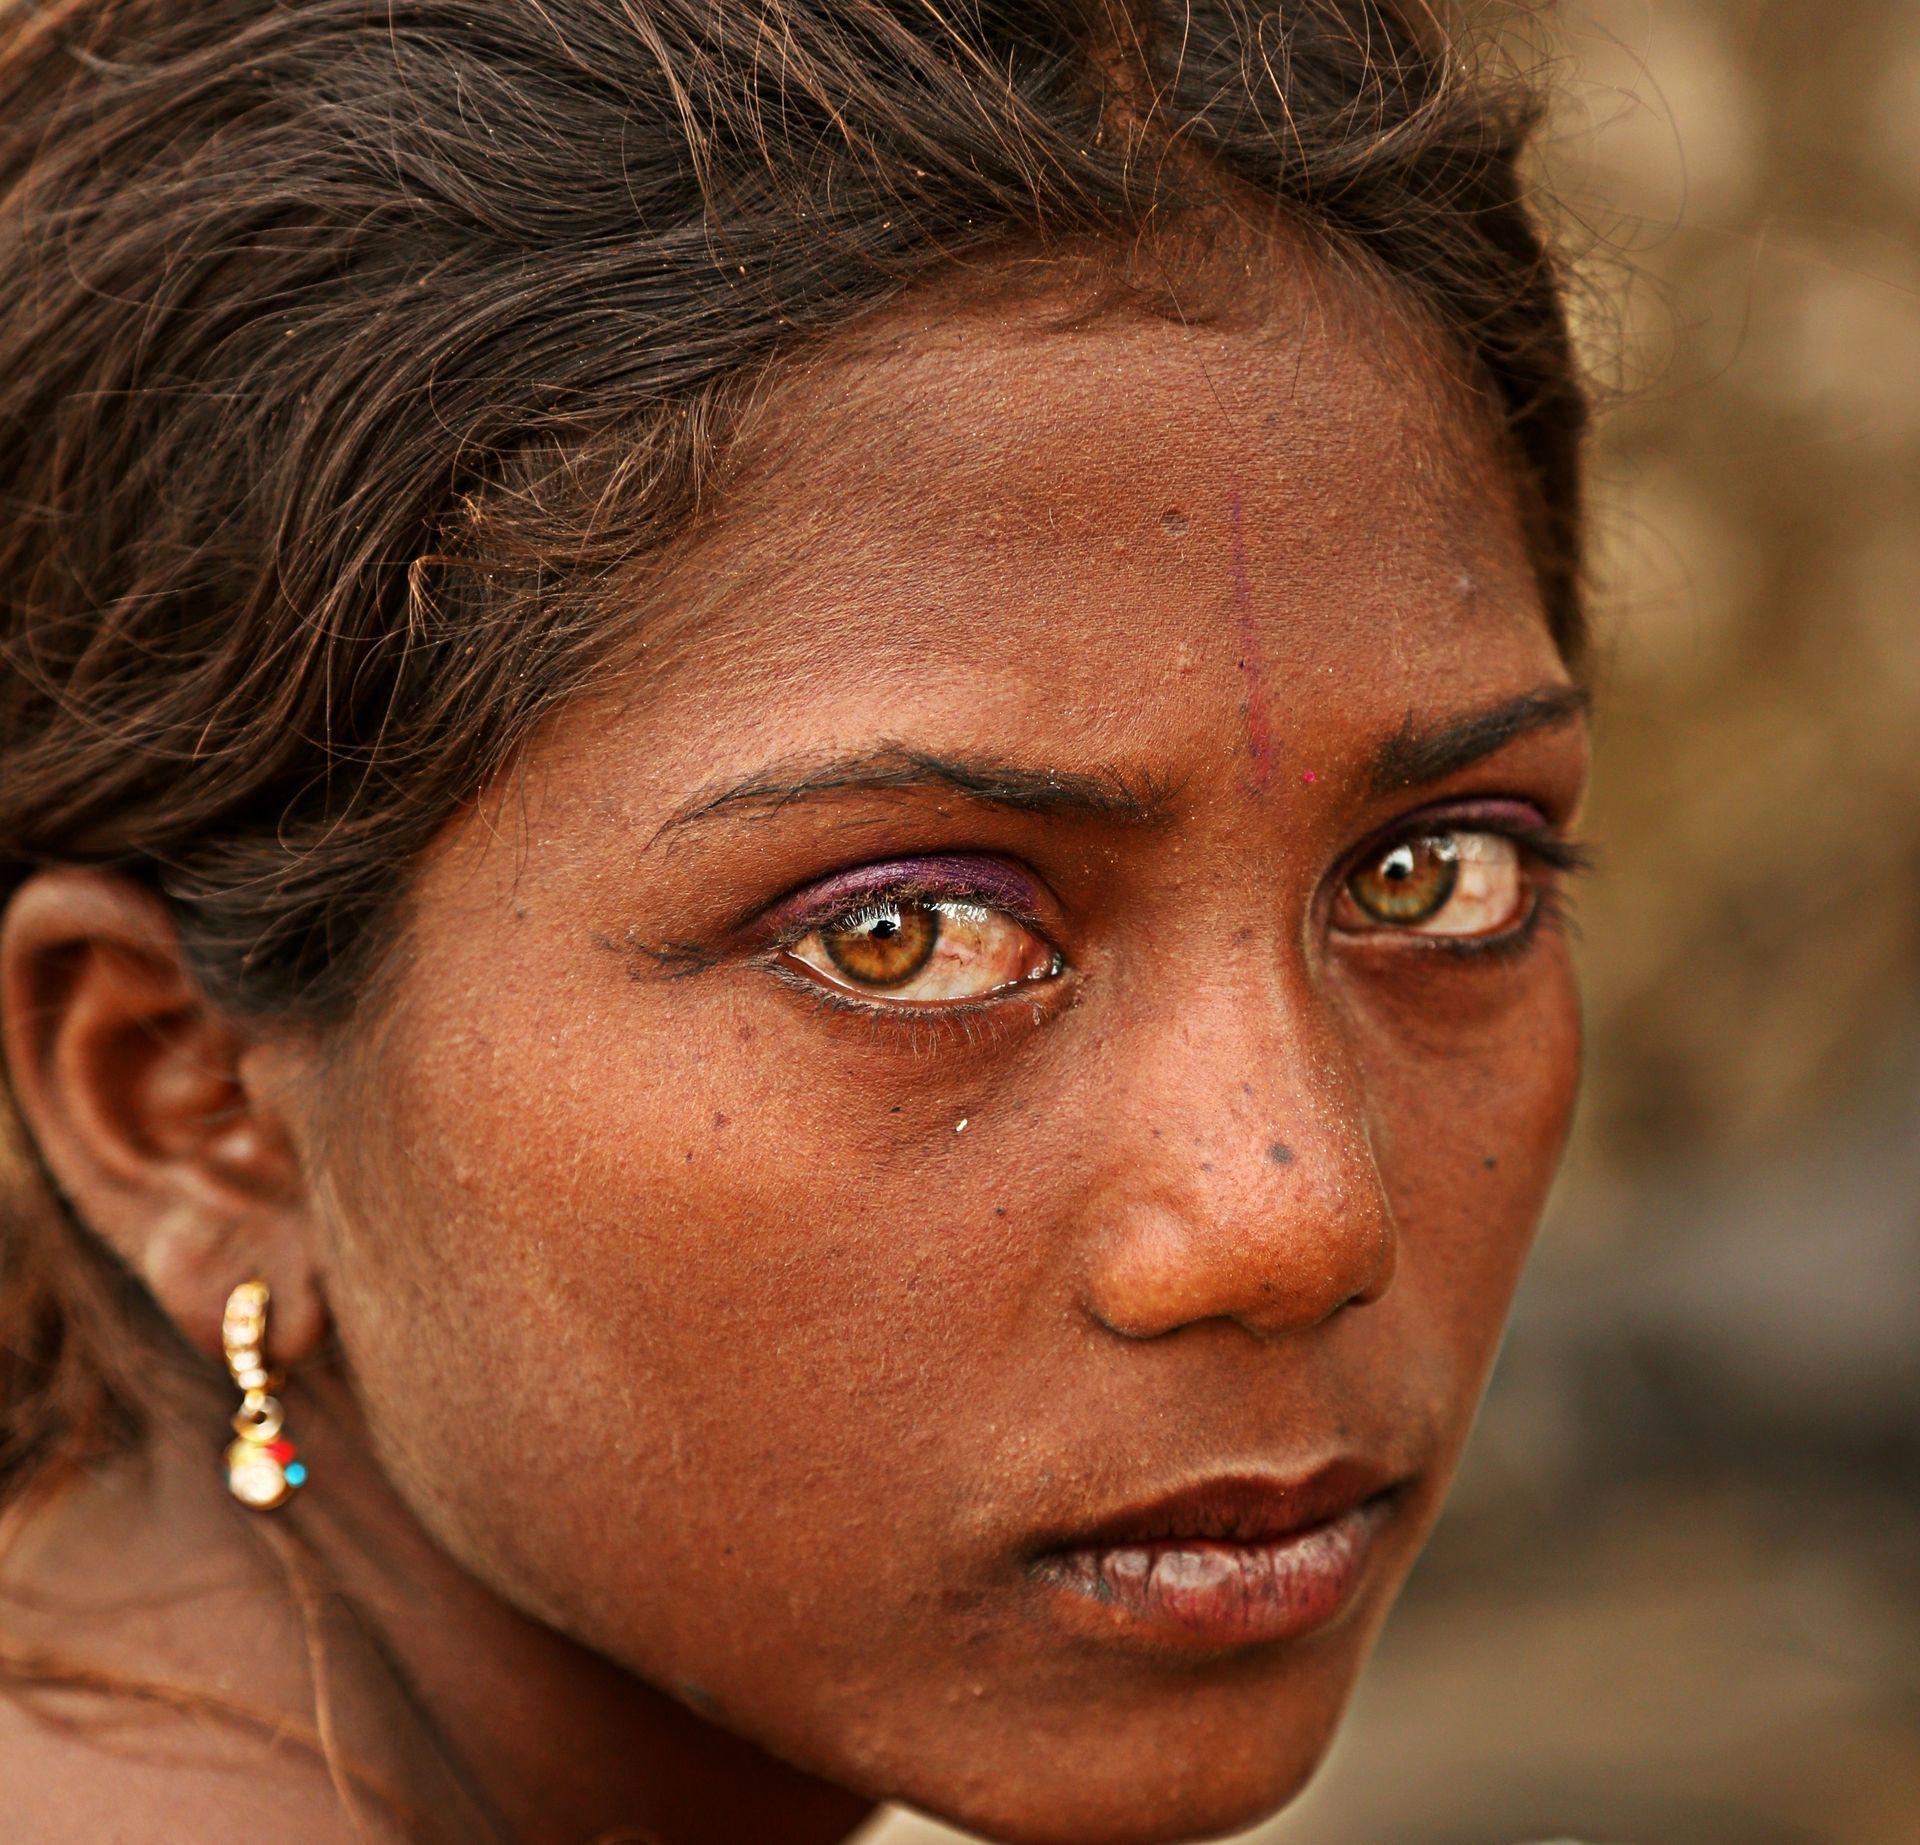 meet a gypsy girl